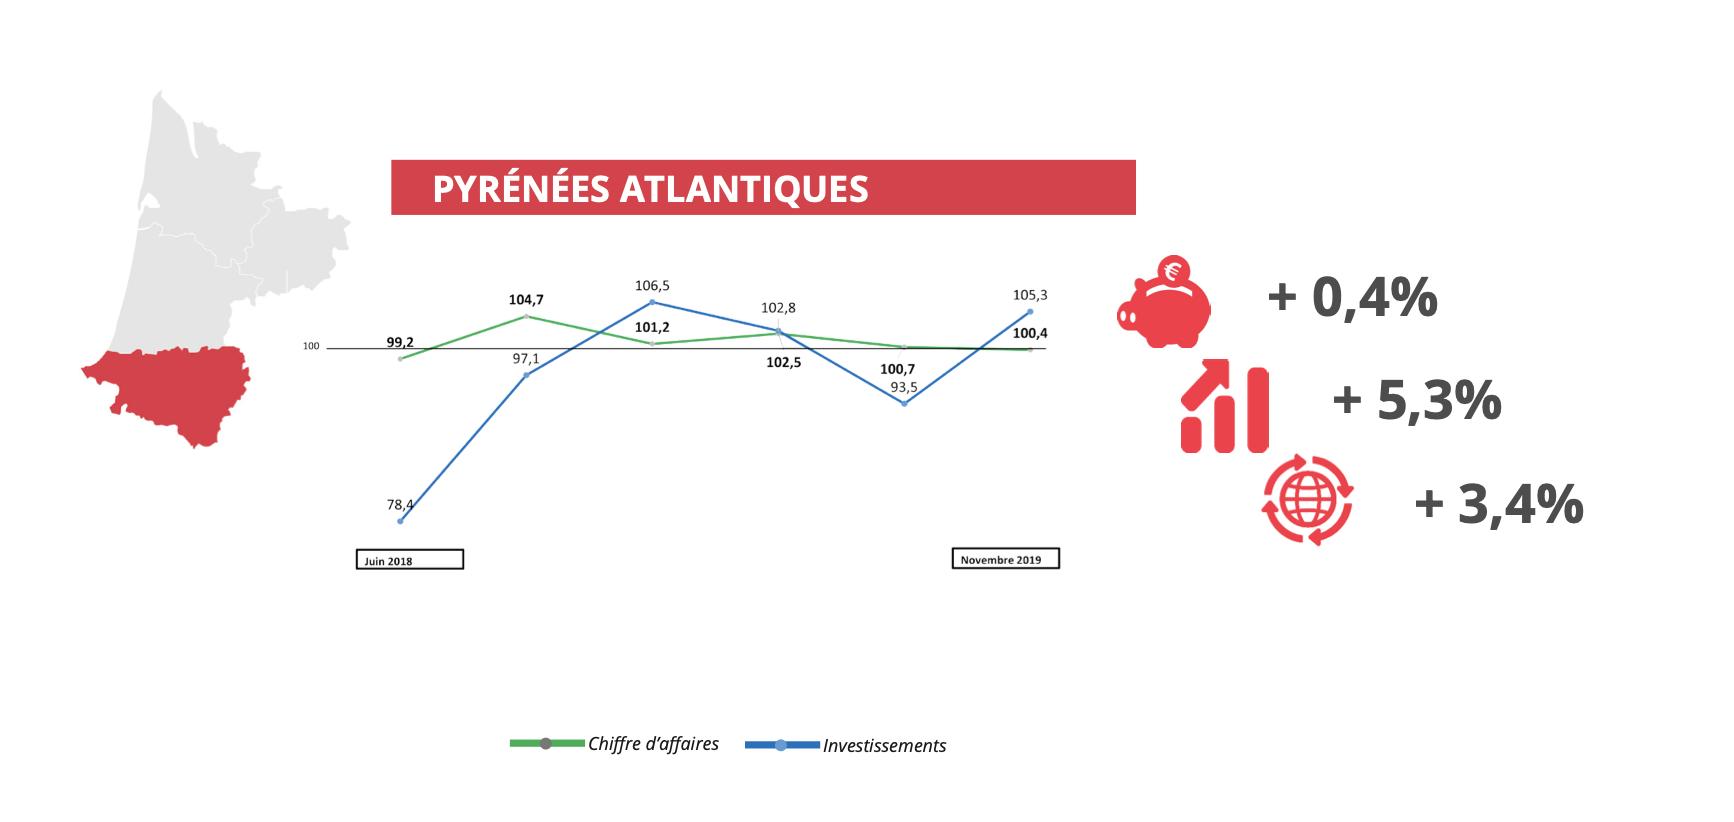 Baromètre économique novembre 2019 - Pyrénées Atlantiques